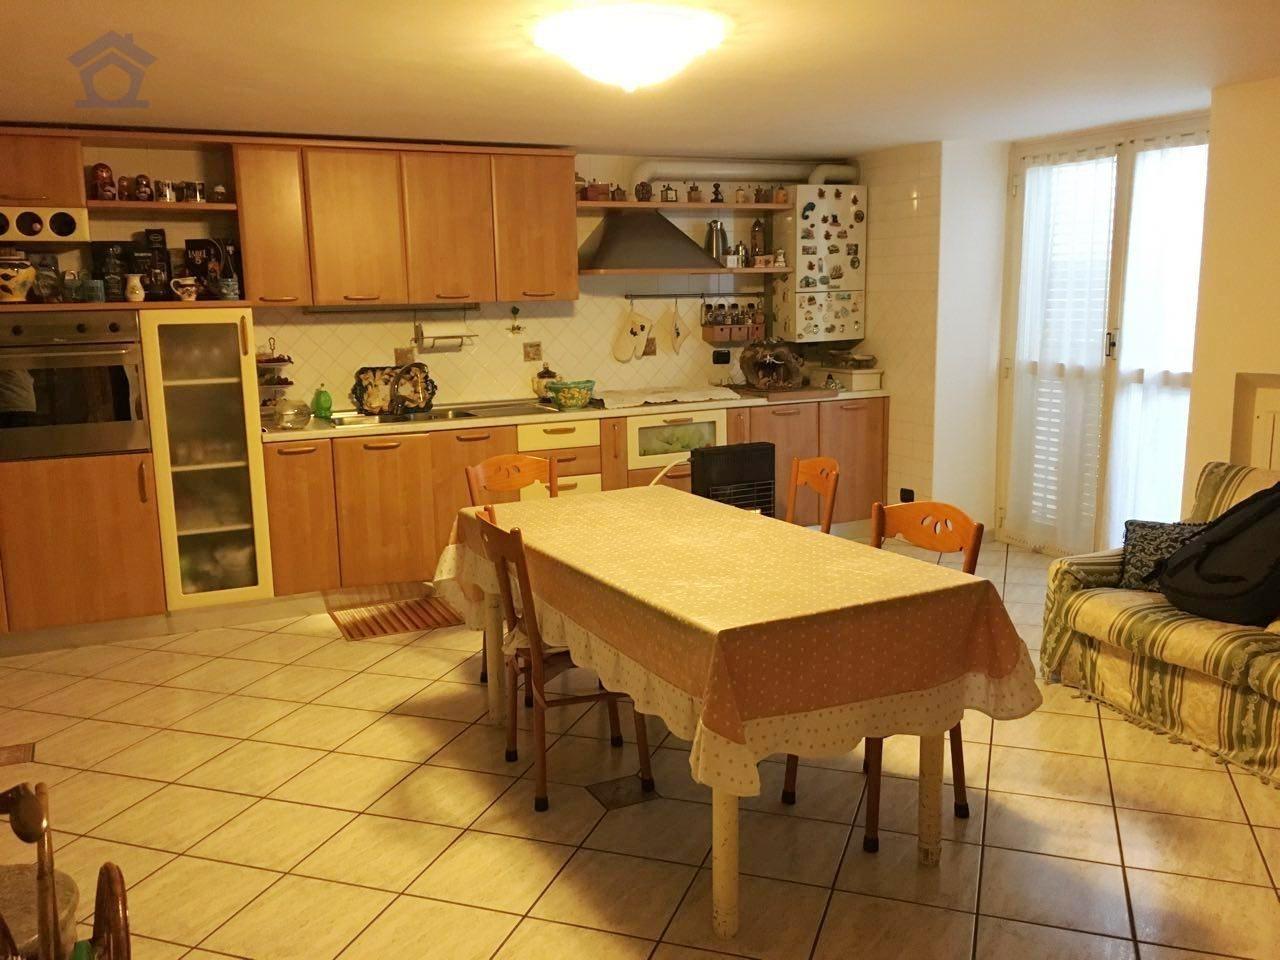 Appartamento in affitto a Torre Annunziata, 2 locali, zona Località: sud, prezzo € 300 | CambioCasa.it